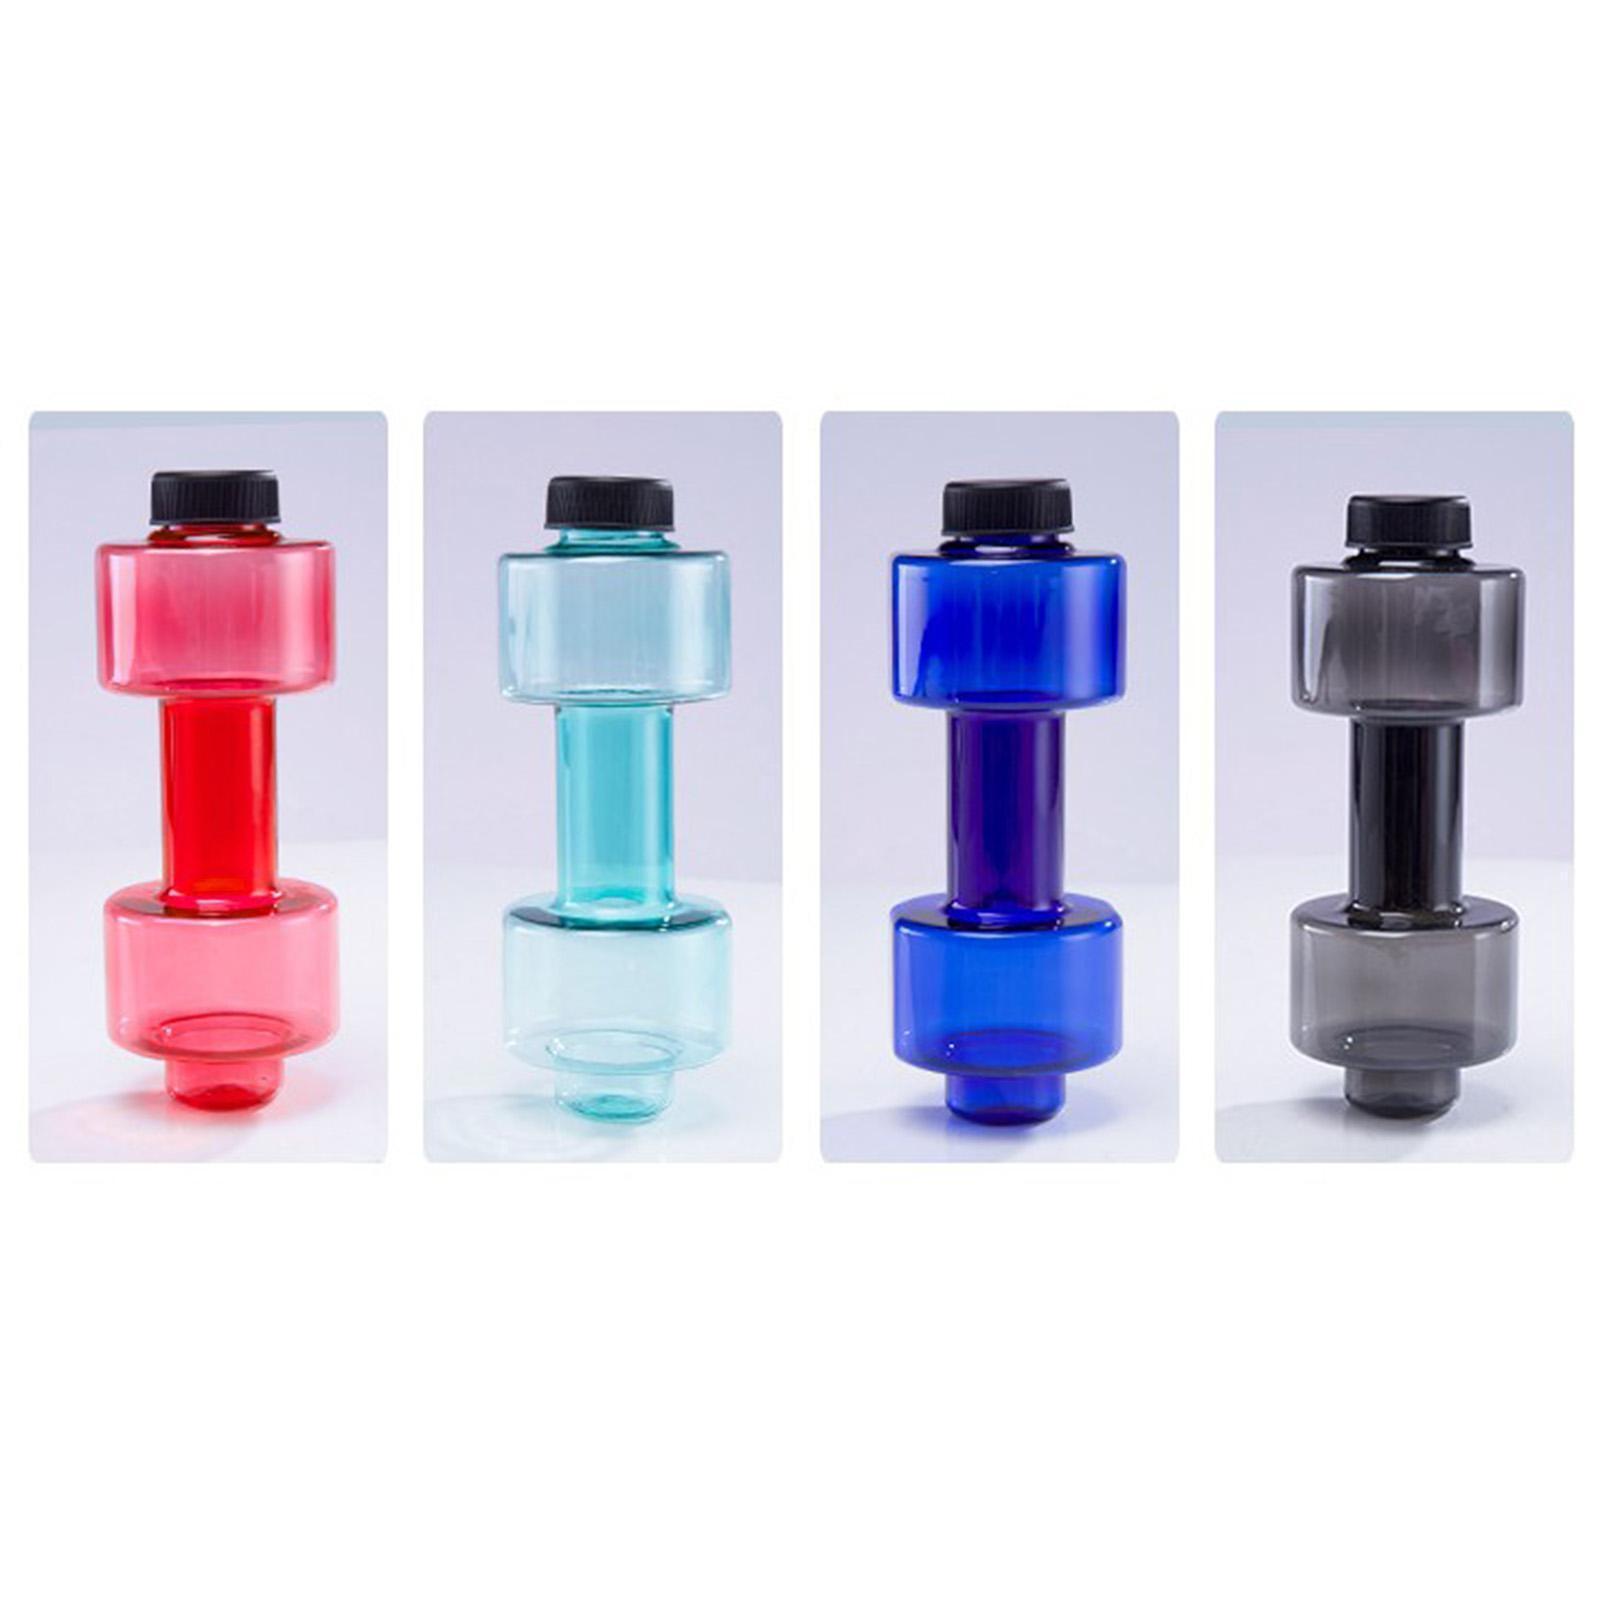 Wasser Flasche BPA FREI Hantel Form Nachfüllbar Barbell für Fitness Übung